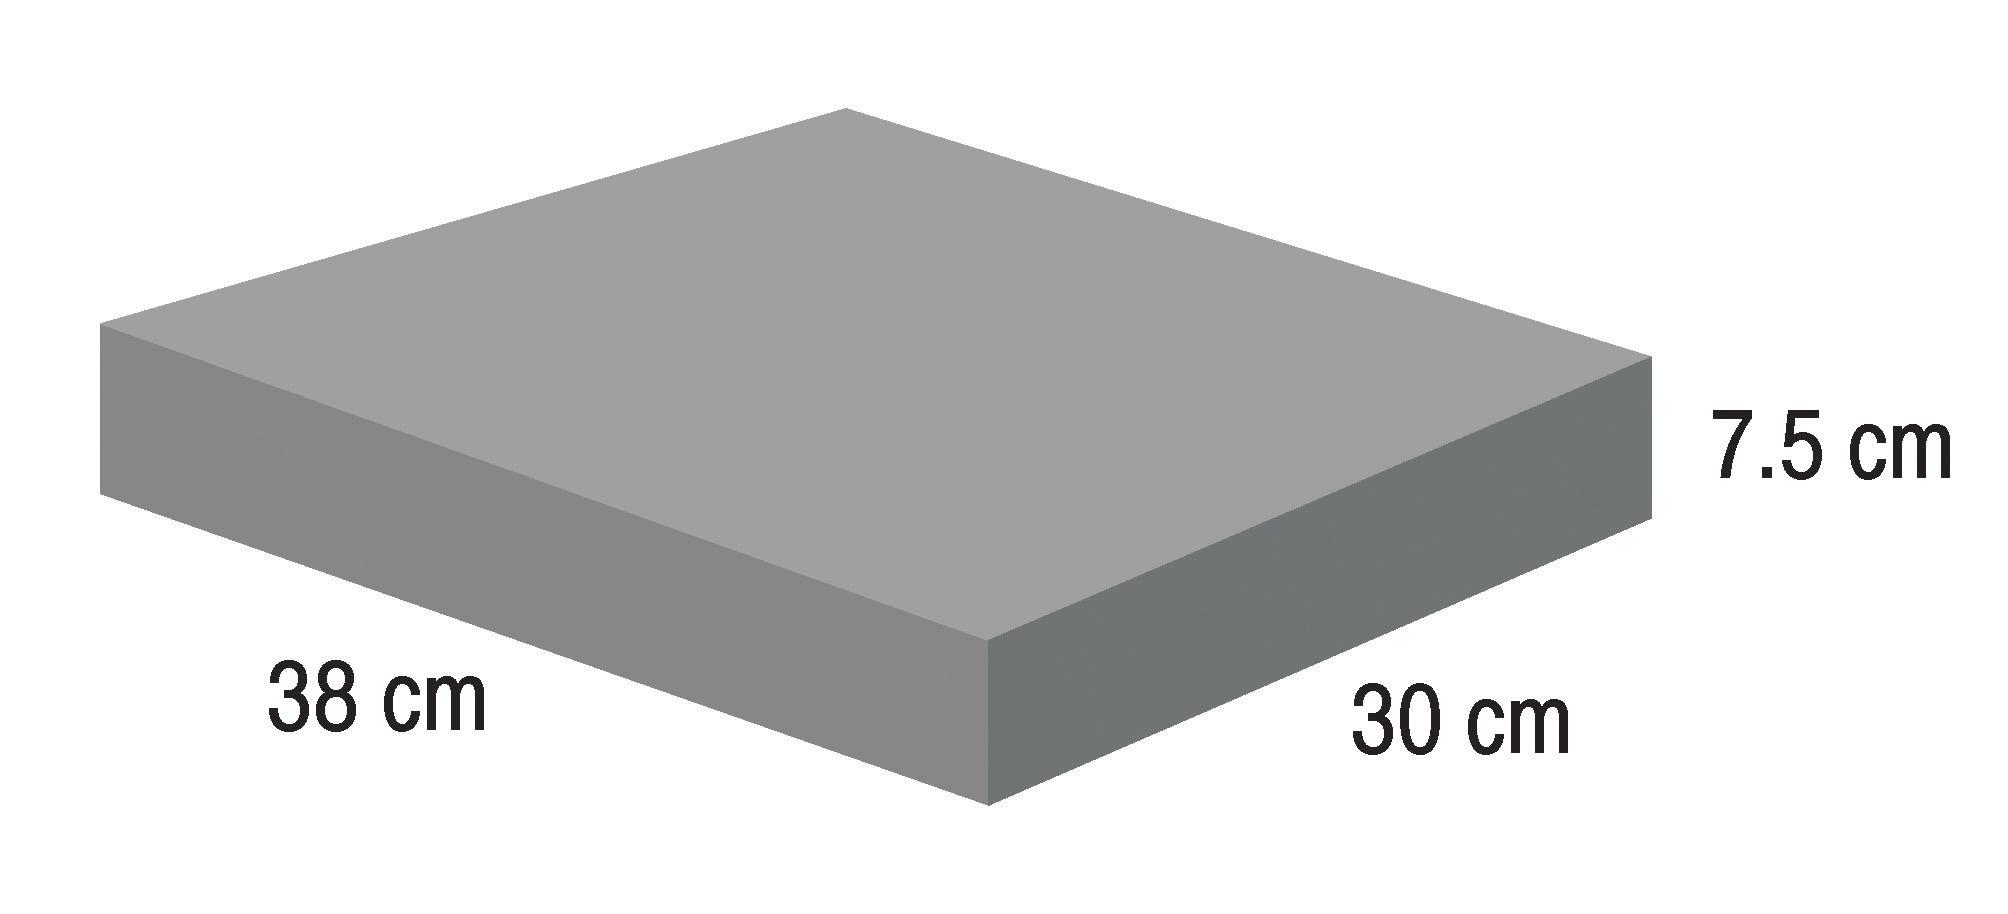 IS-FM-SRN-BLK-303807(5)  Block Large  Raw